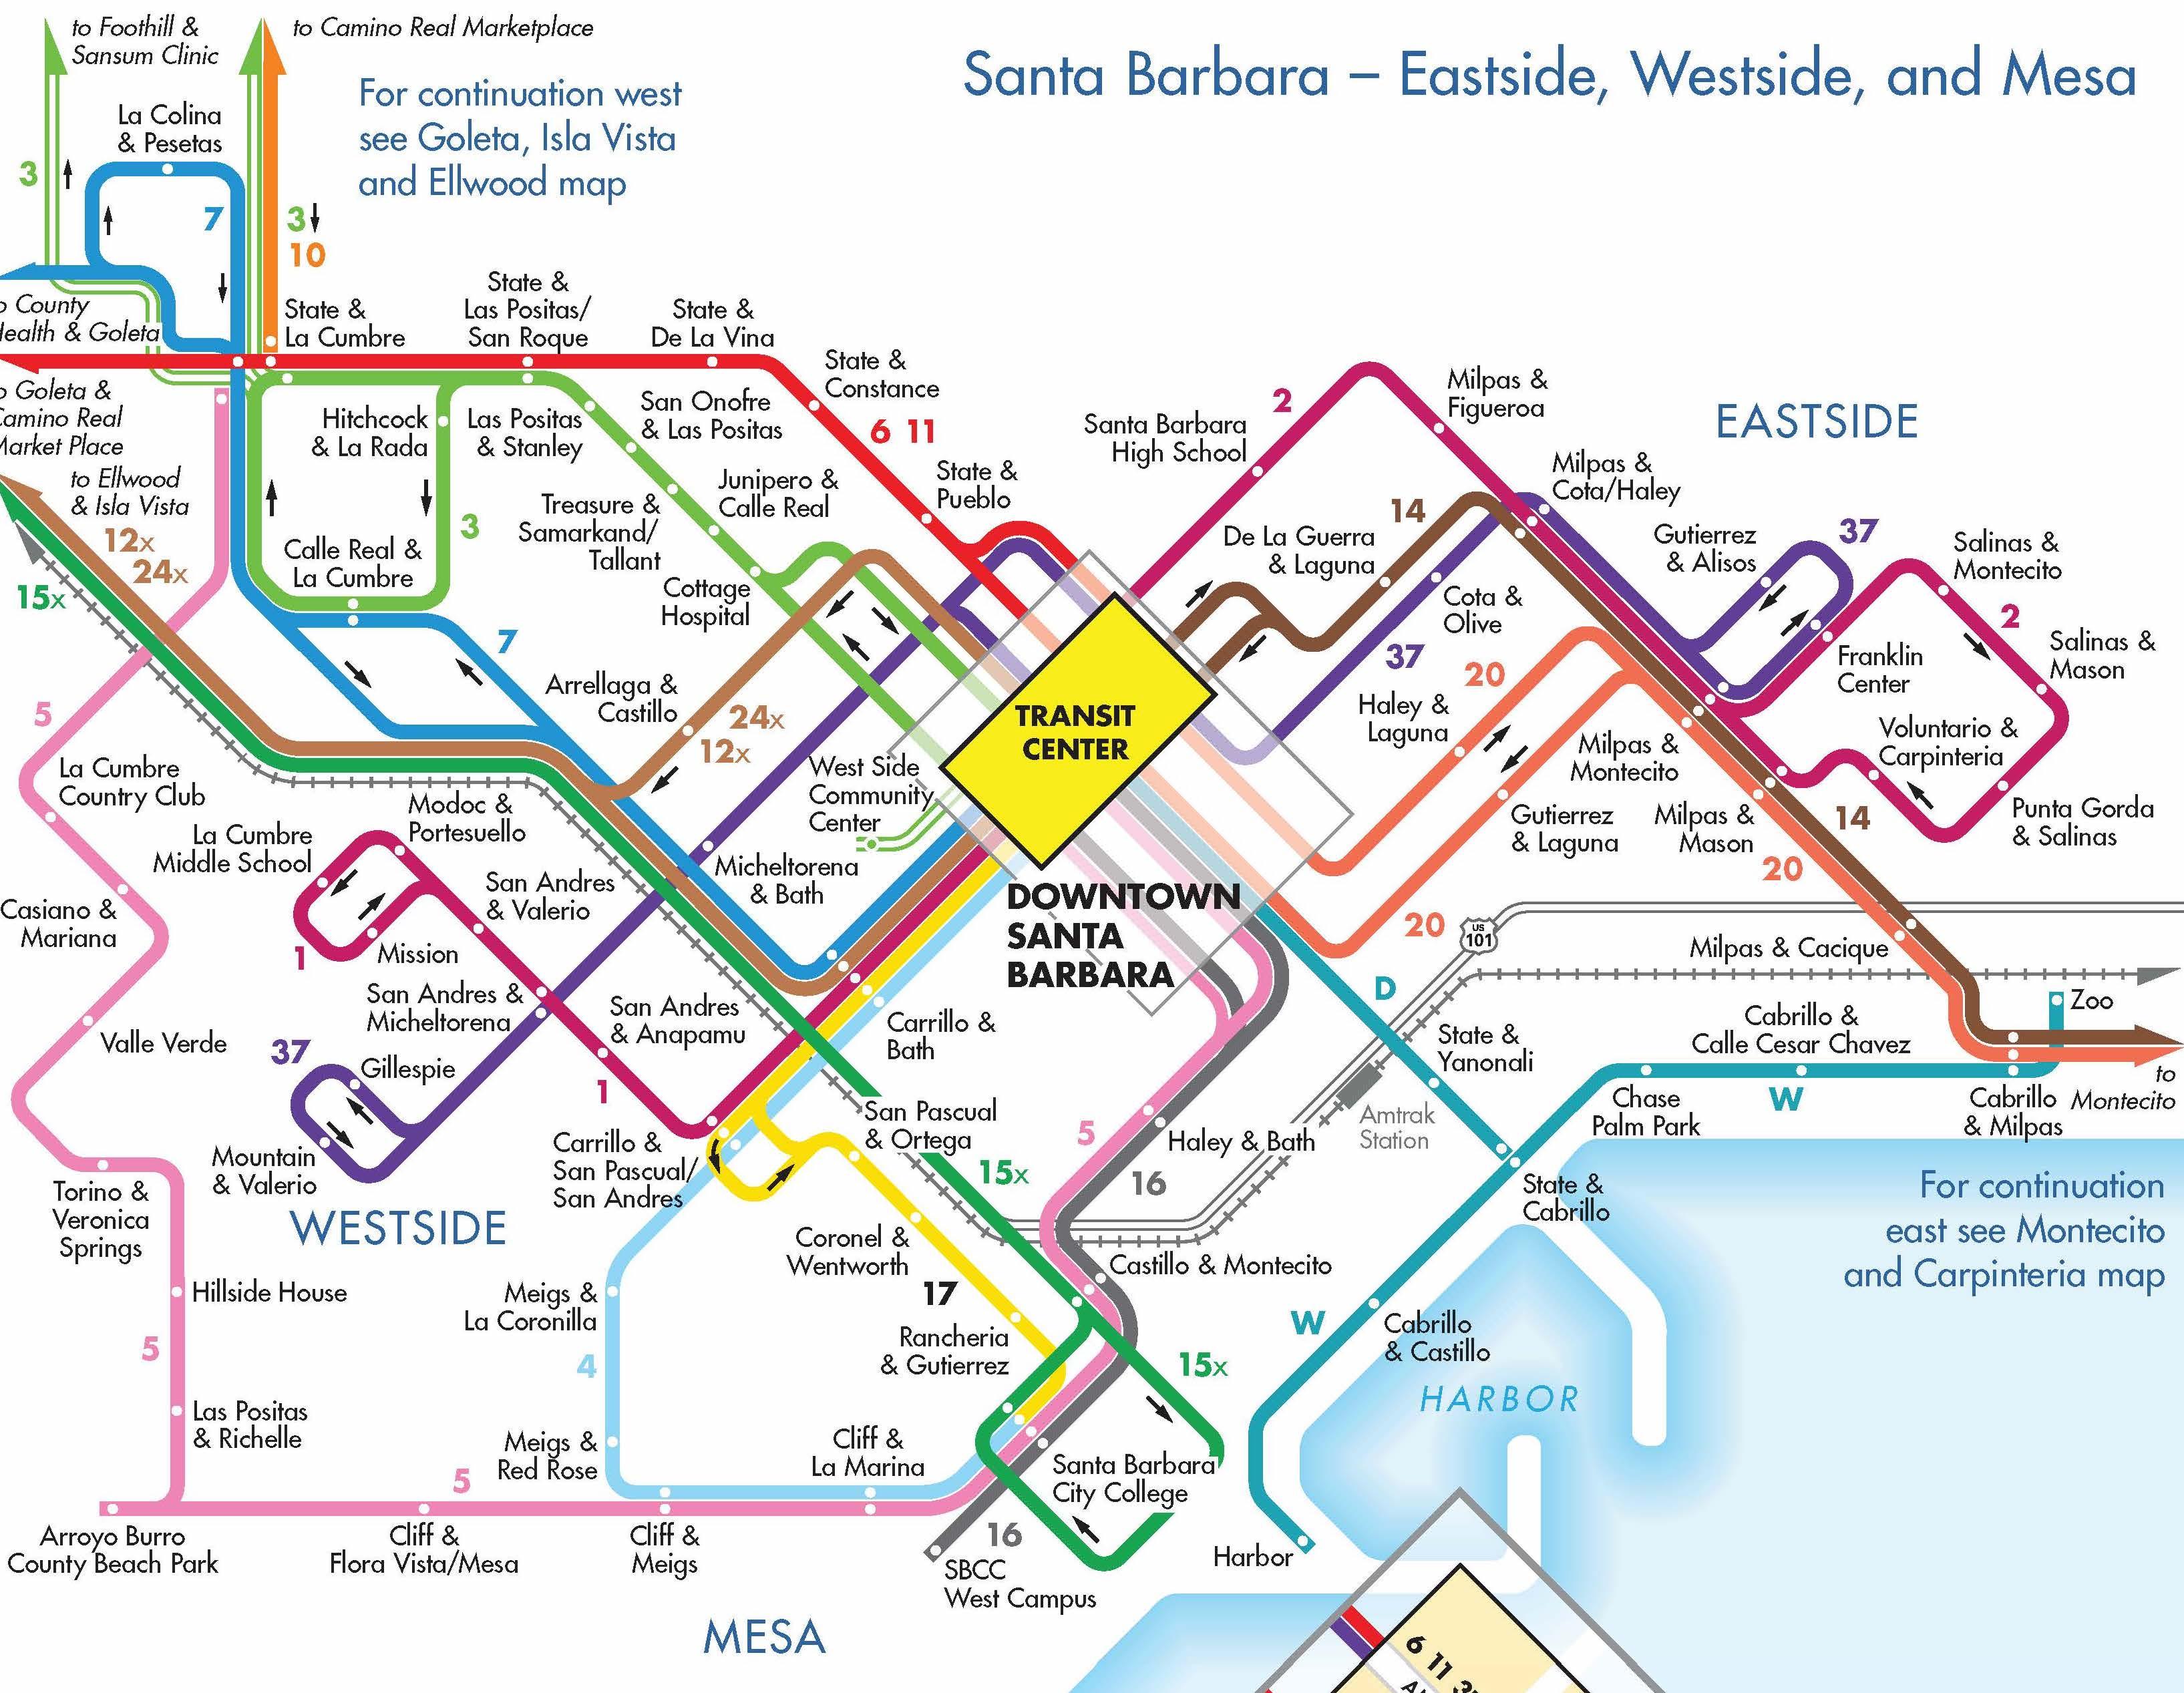 Transit map of Santa Barbara